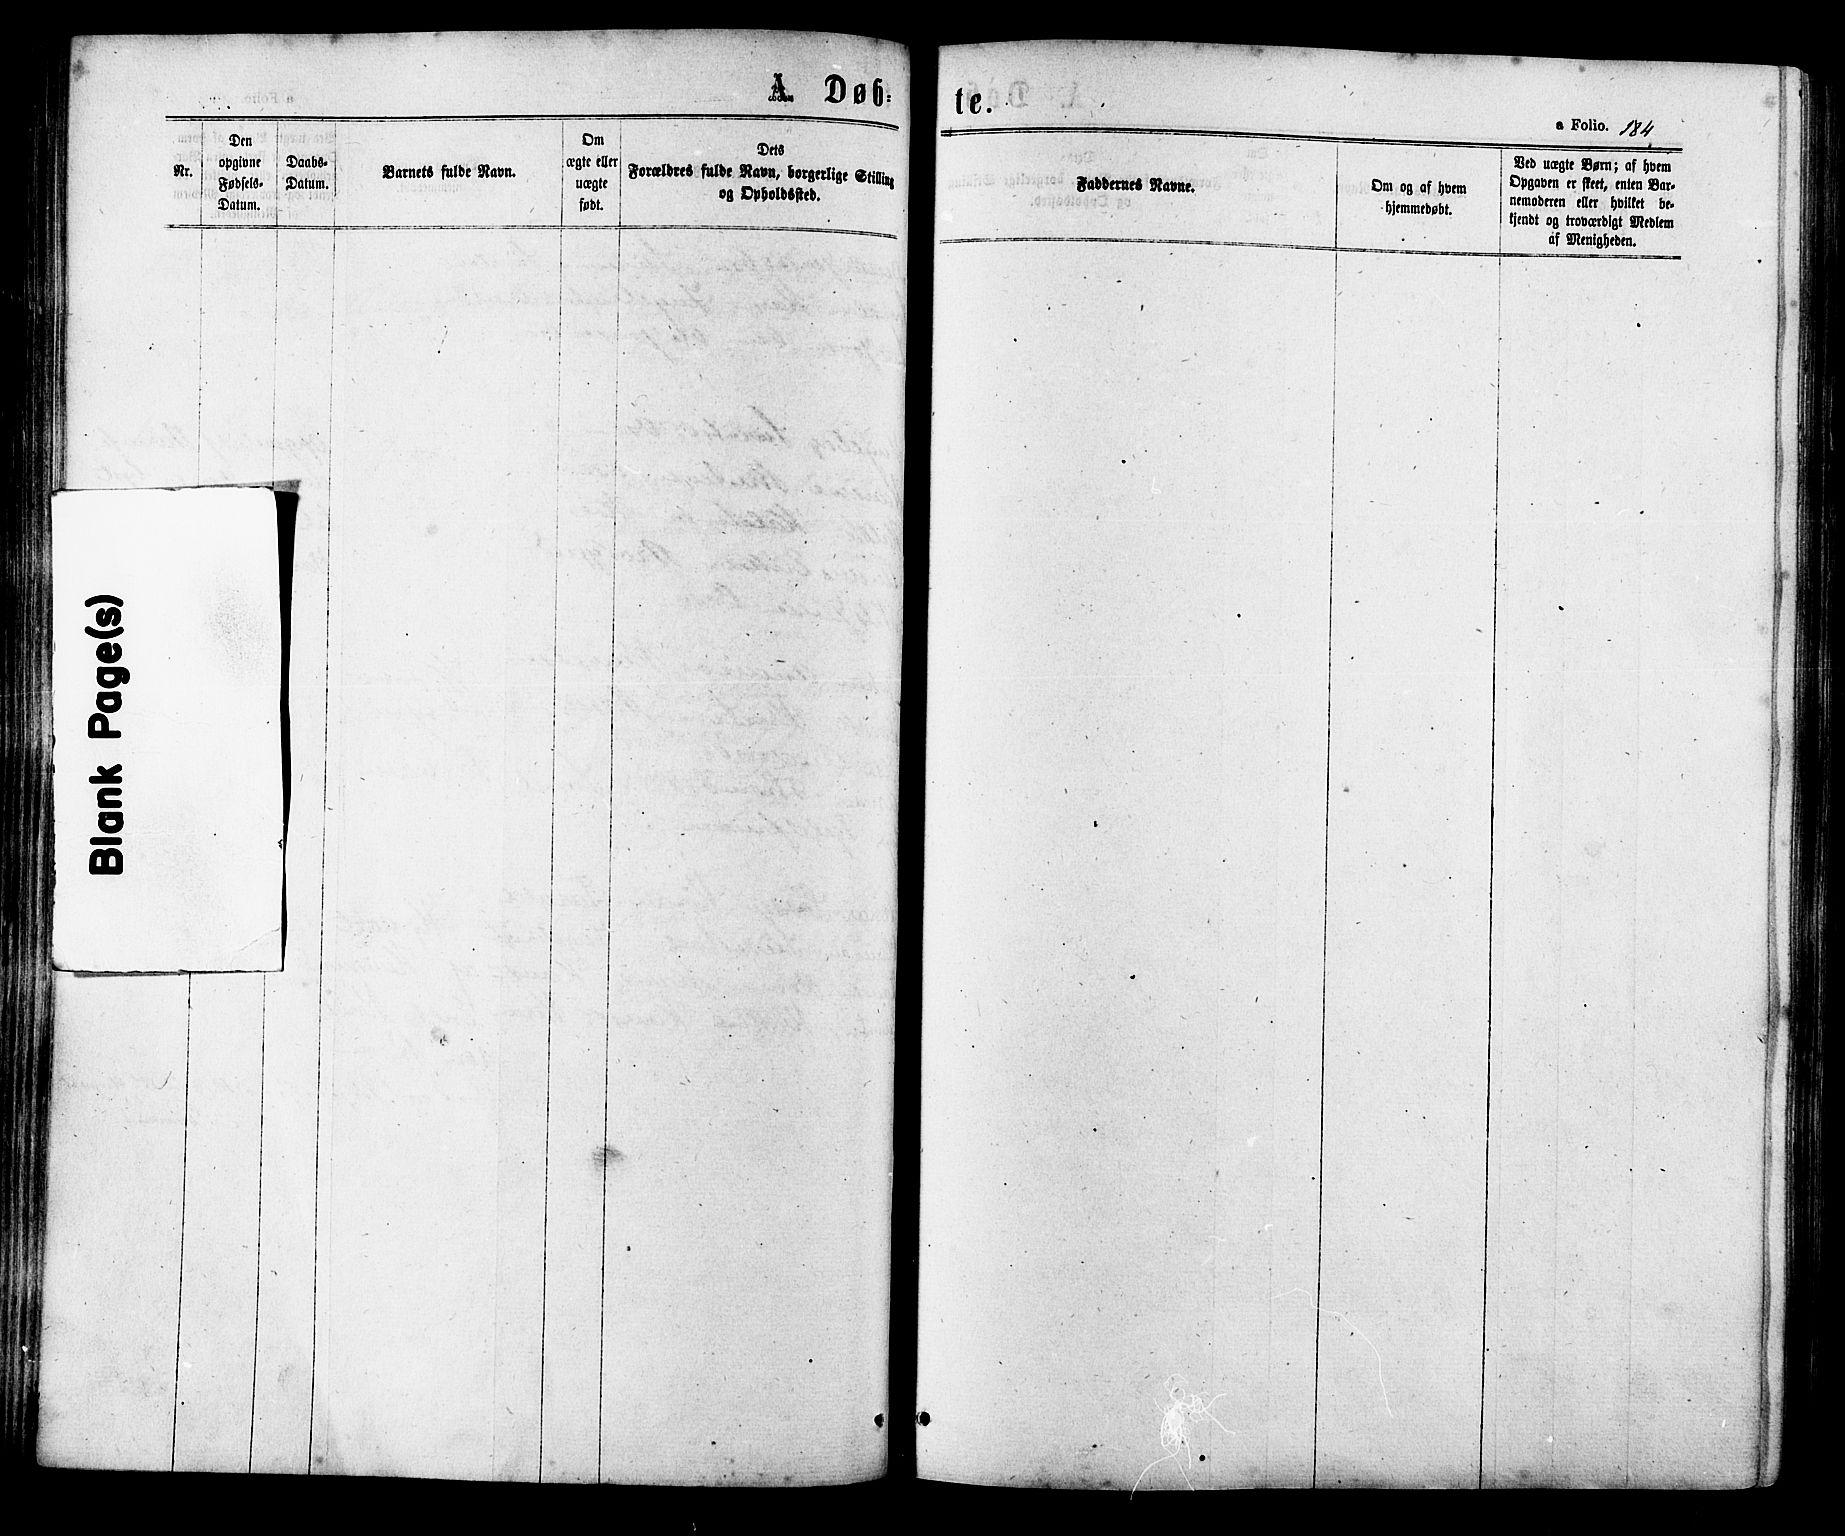 SAT, Ministerialprotokoller, klokkerbøker og fødselsregistre - Sør-Trøndelag, 657/L0706: Ministerialbok nr. 657A07, 1867-1878, s. 184